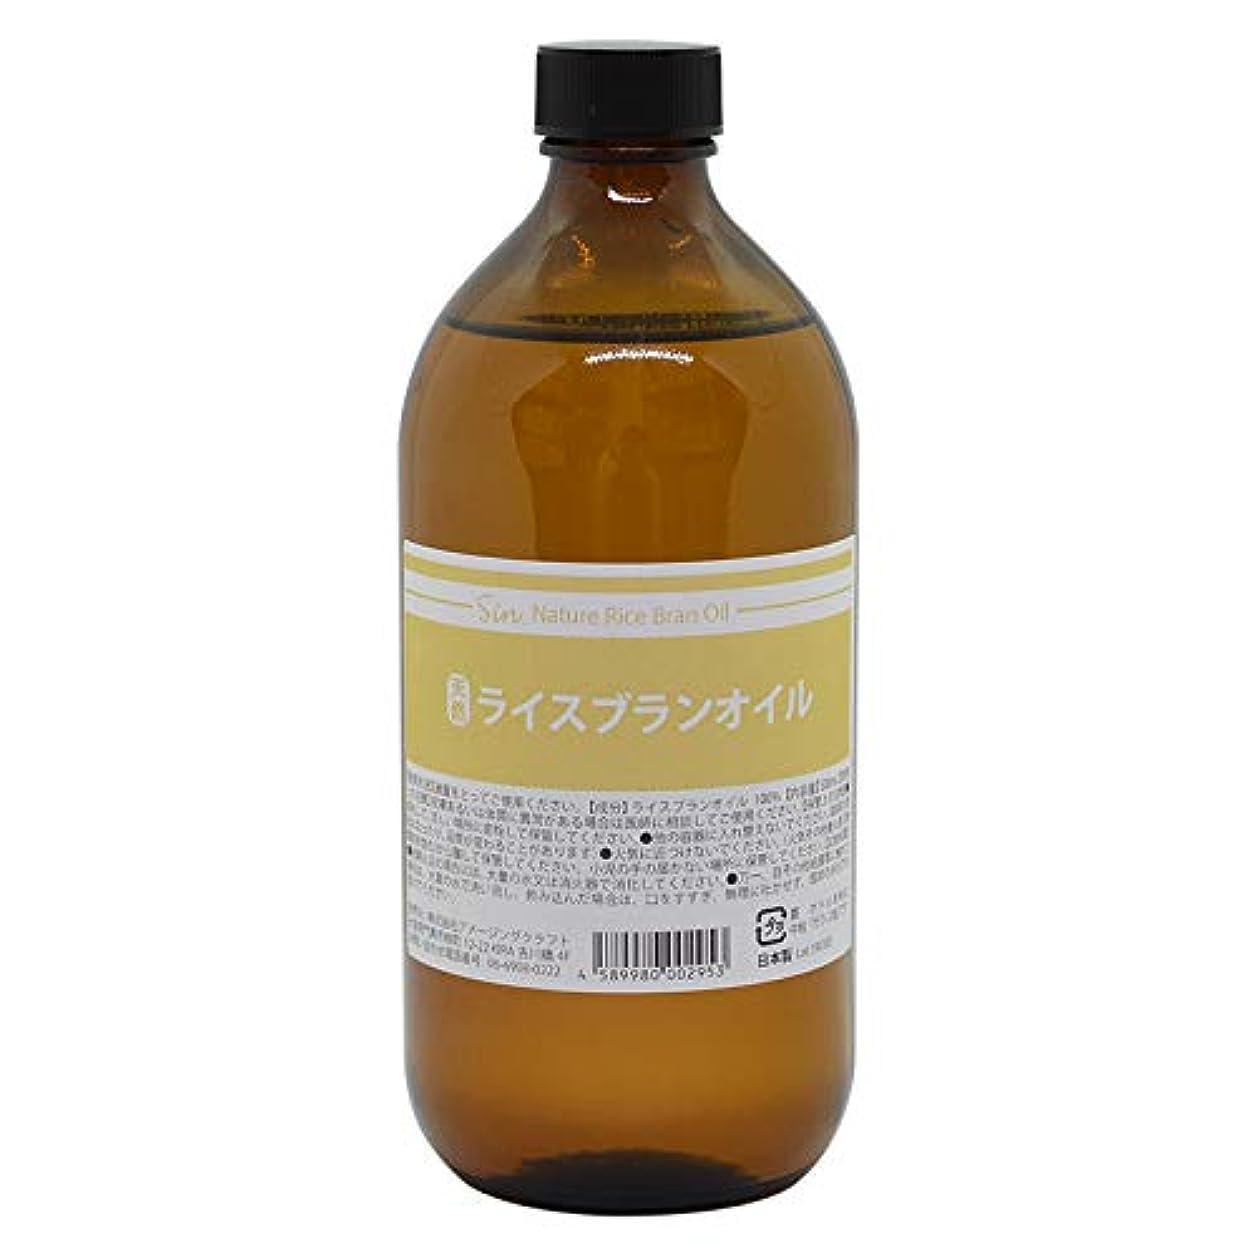 お仕事に行く値下げ天然無添加 国内精製 ライスブランオイル 500ml ライスオイル